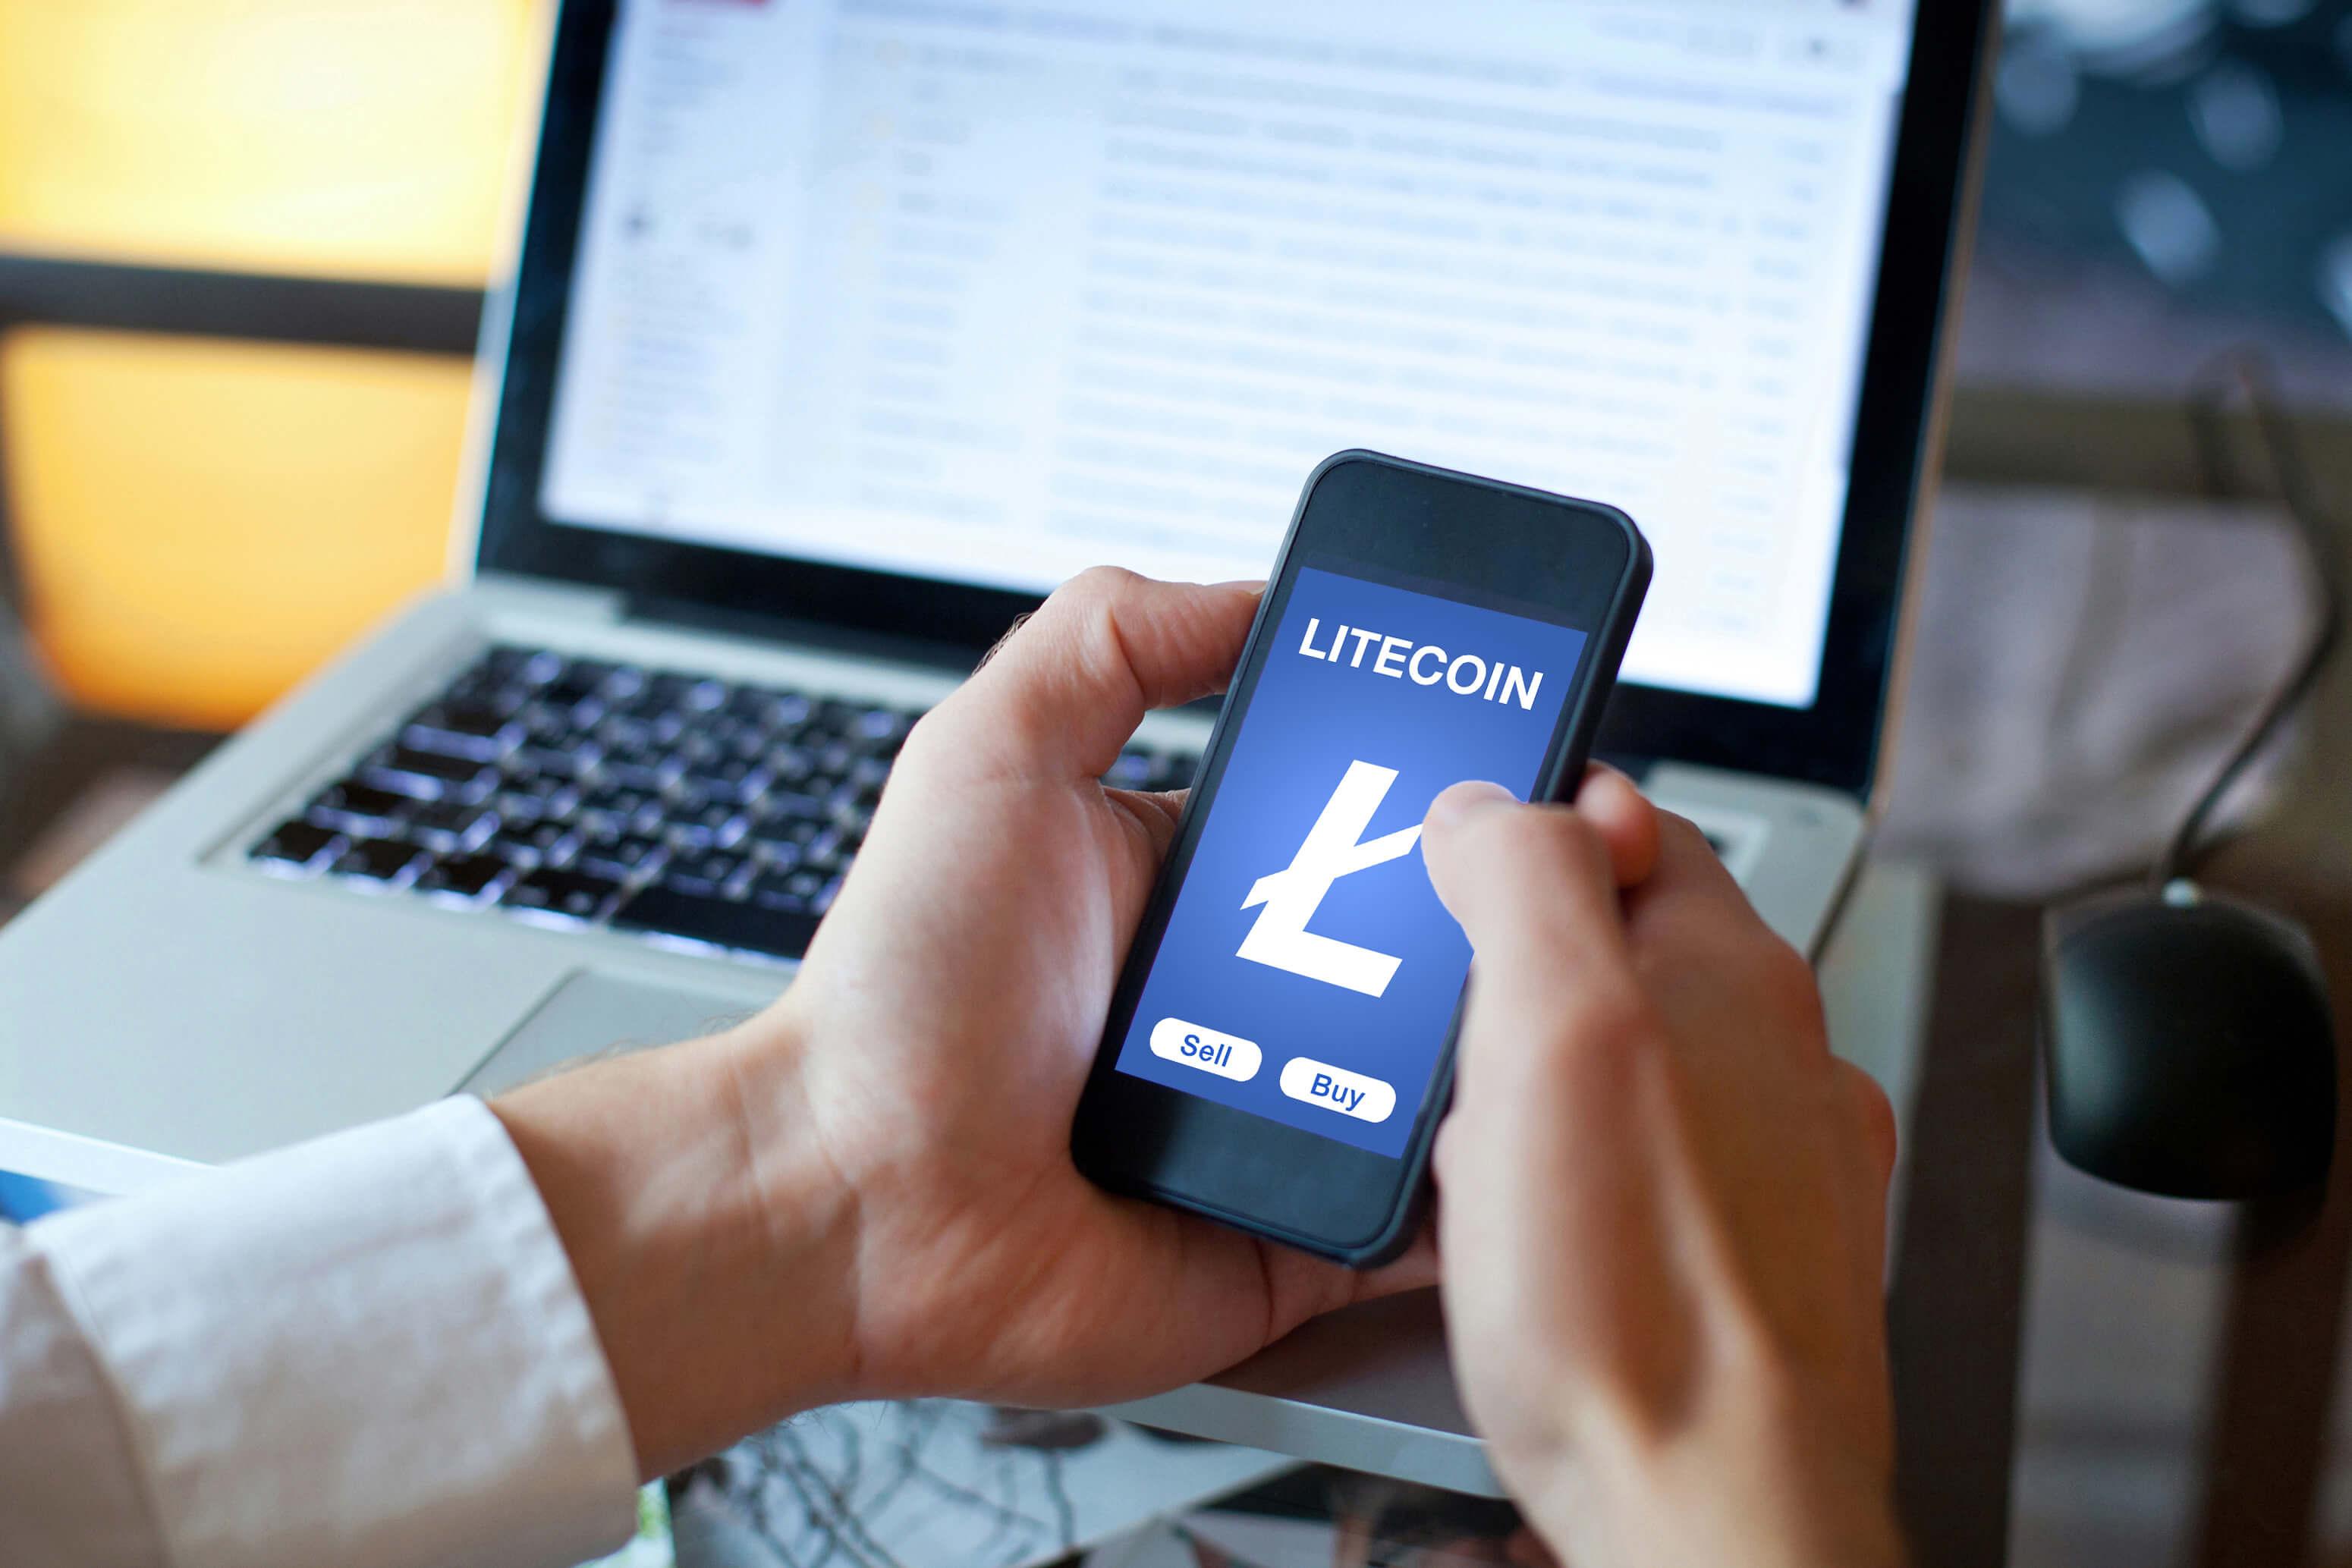 ライトコイン(LTC)の購入方法は?買い方と取引方法を解説